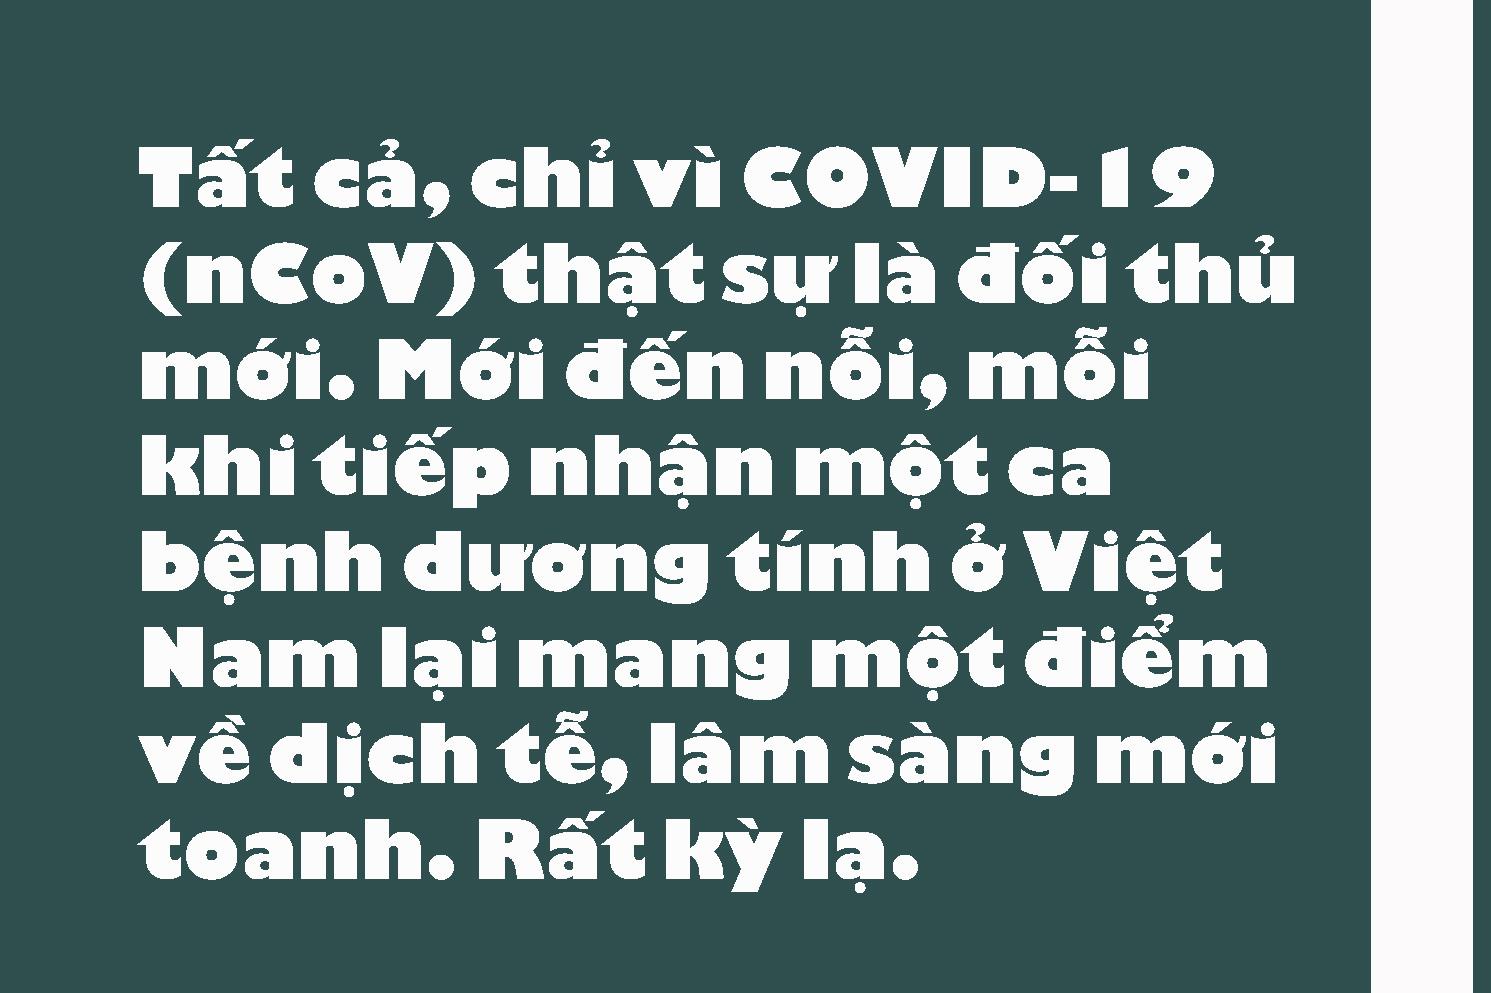 Khoảng lặng COVID-19: 15 ngày xa vợ, 15 ngày làm gà công nghiệp của bác sĩ Hùng - Ảnh 6.